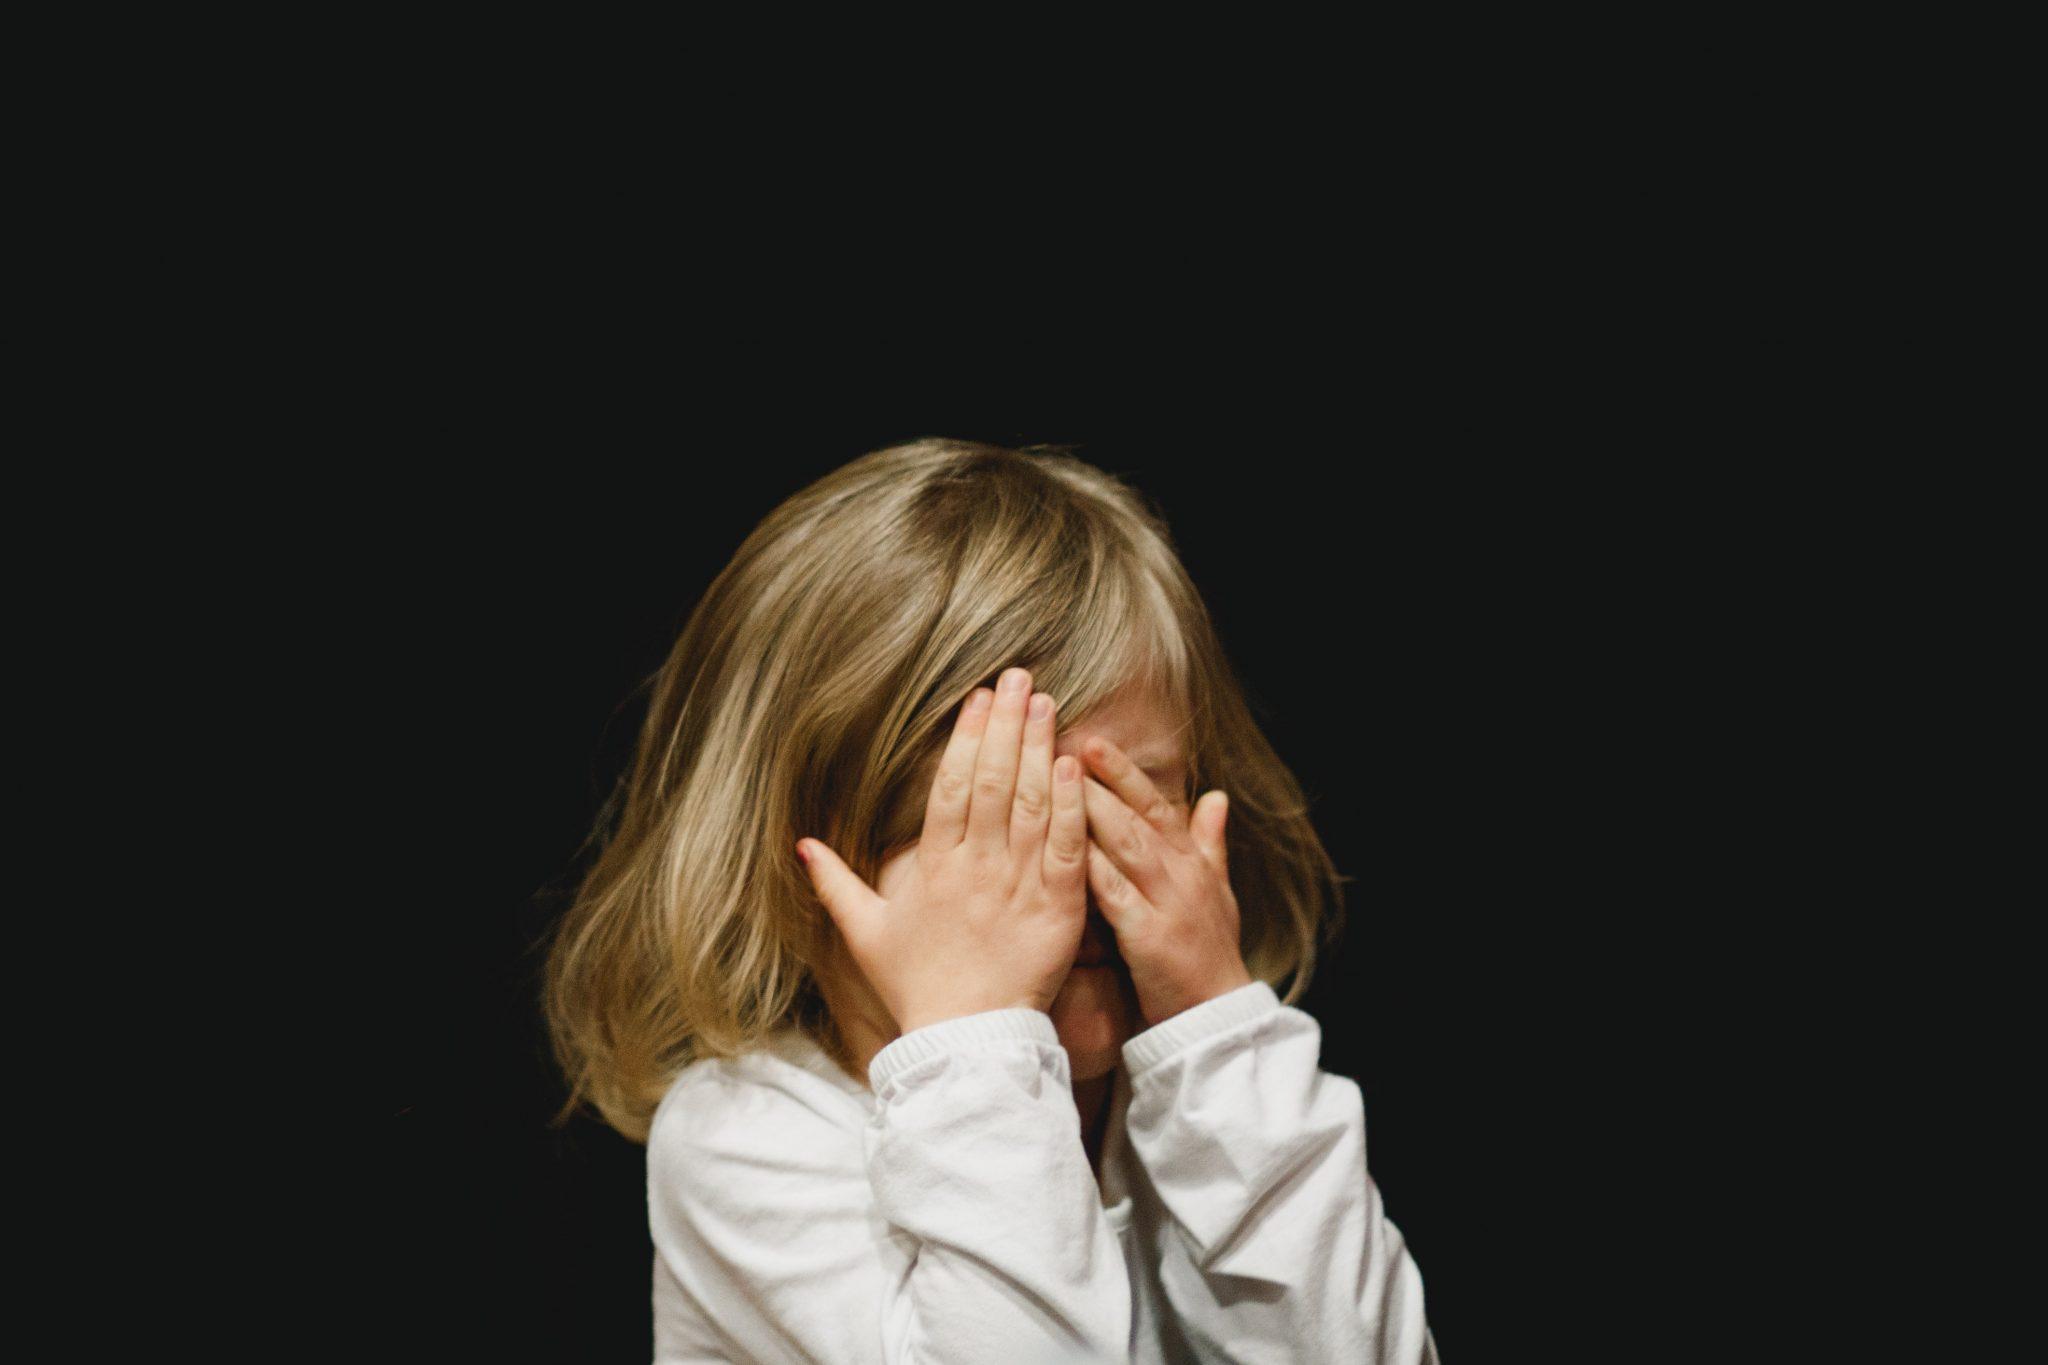 Denatalità: una bambina si copre gli occhi